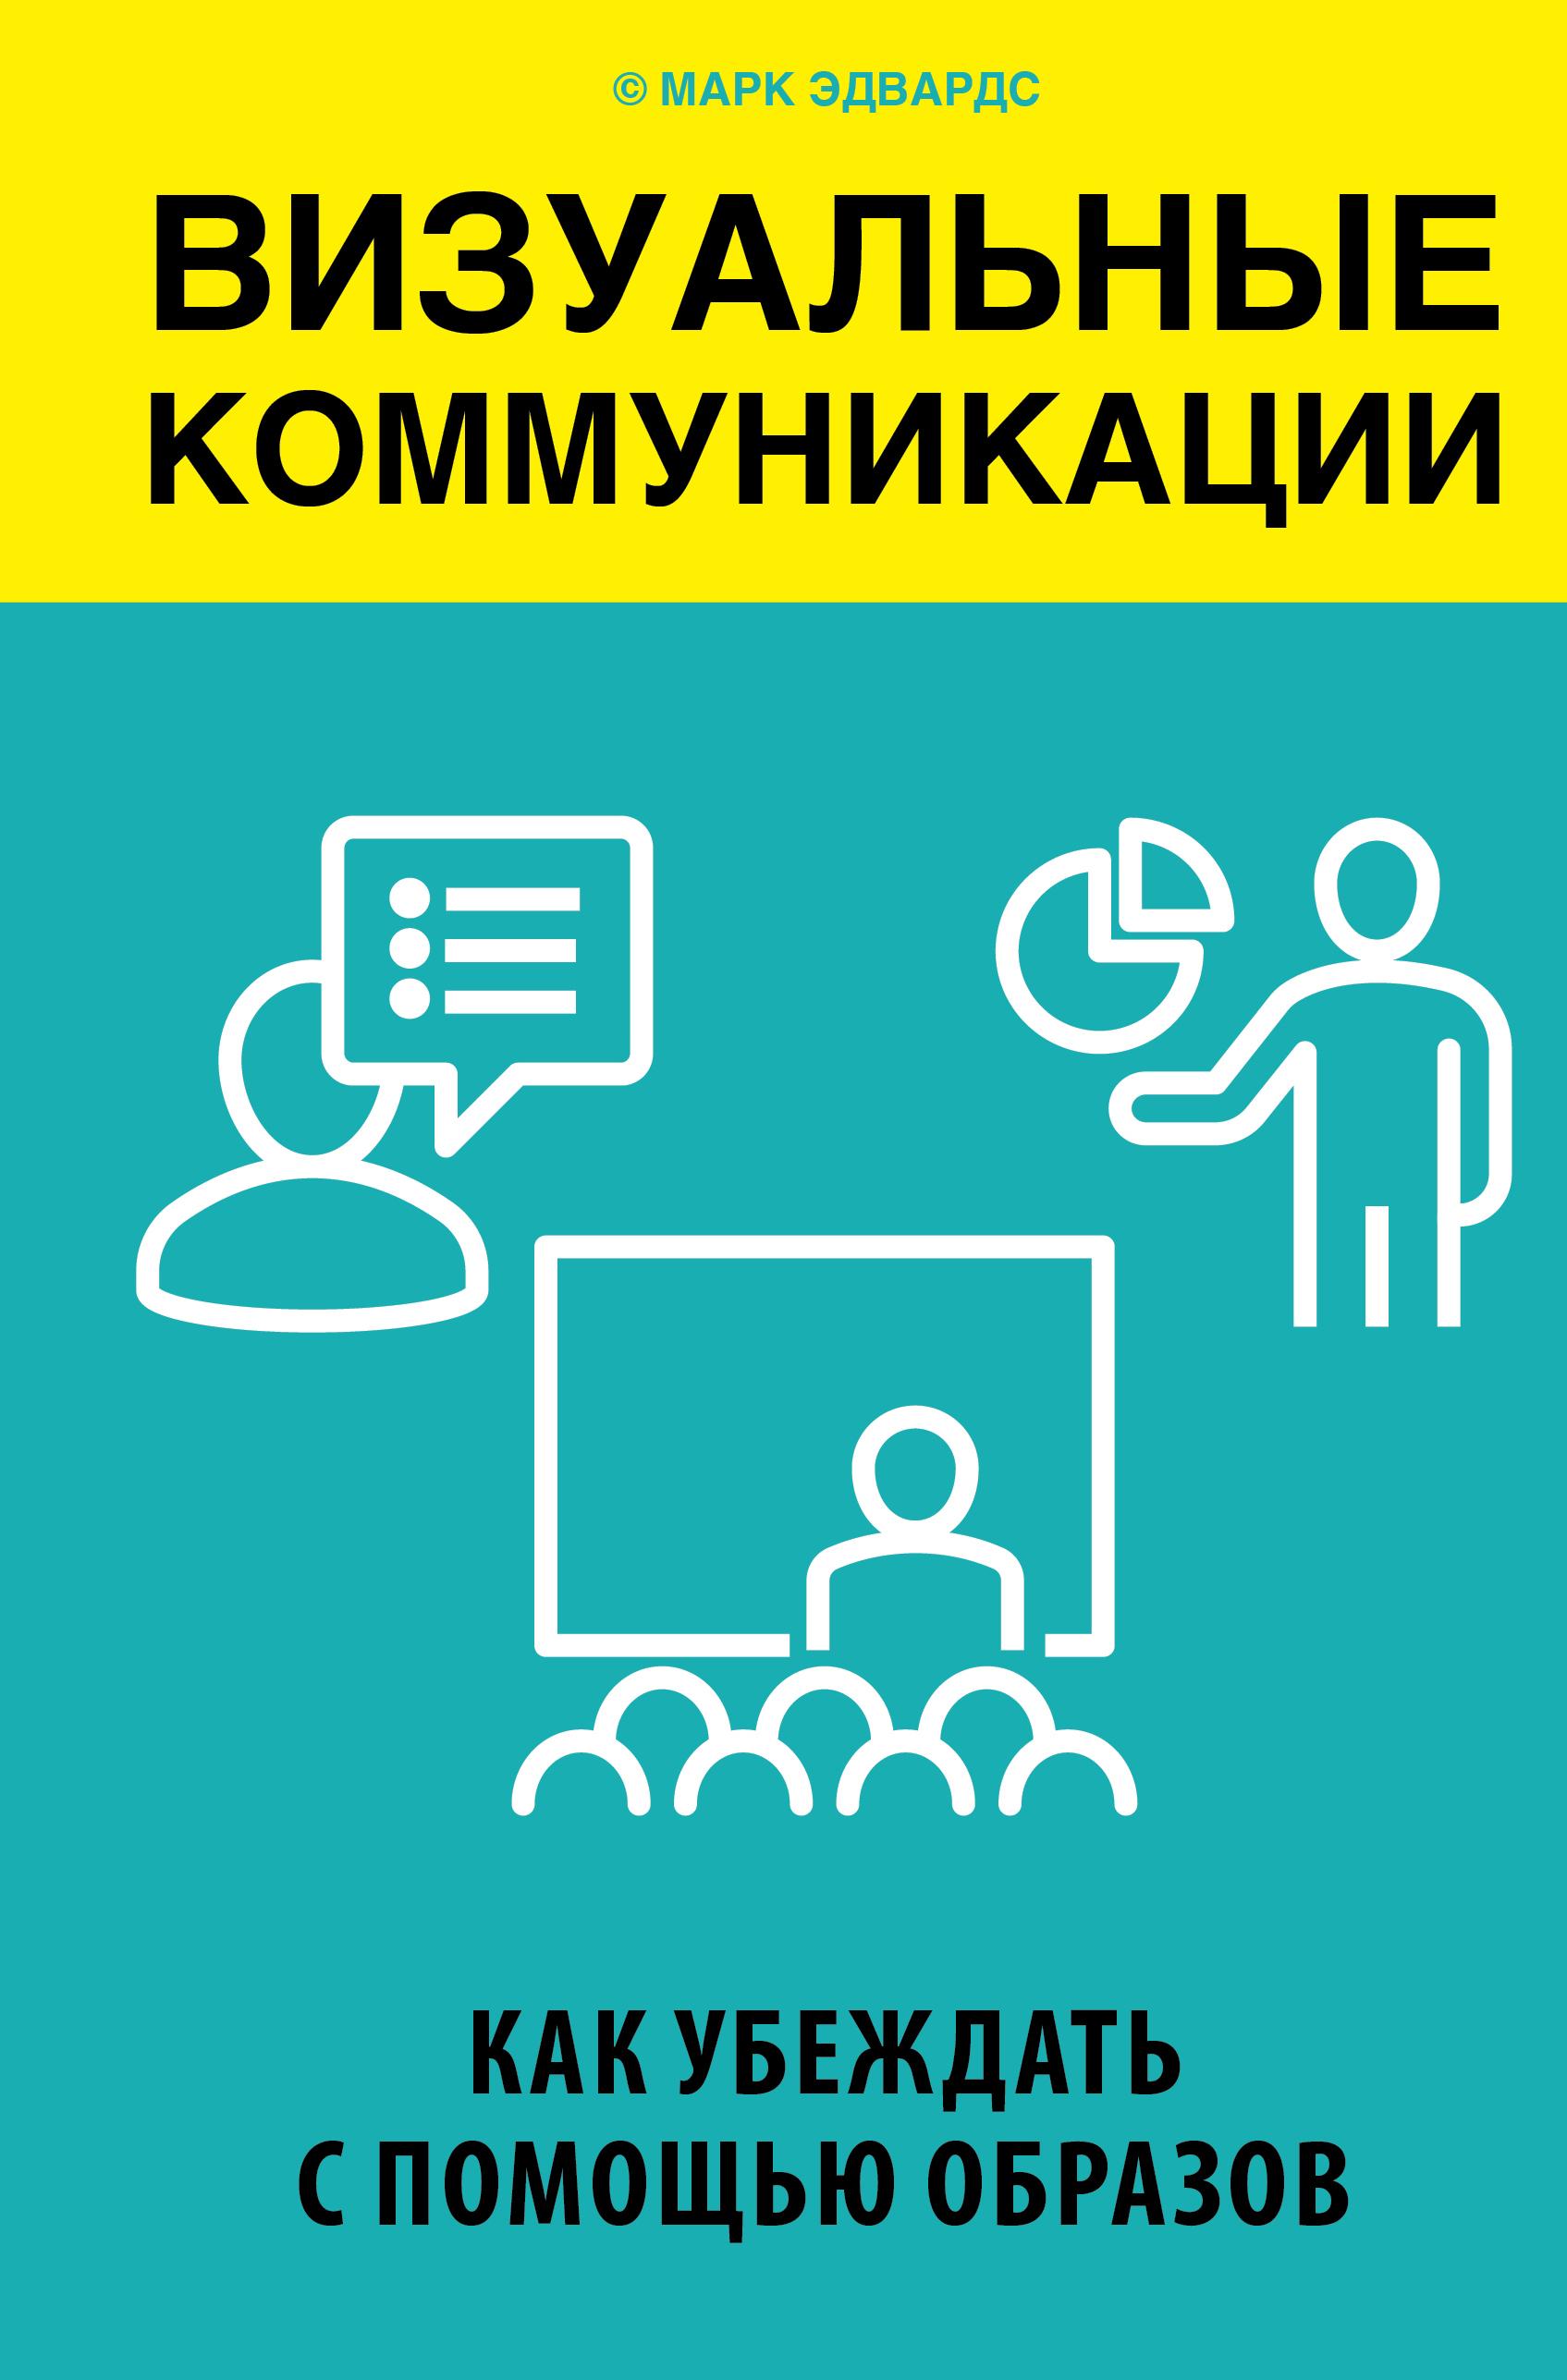 Обложка книги Визуальные коммуникации. Как убеждать с помощью образов